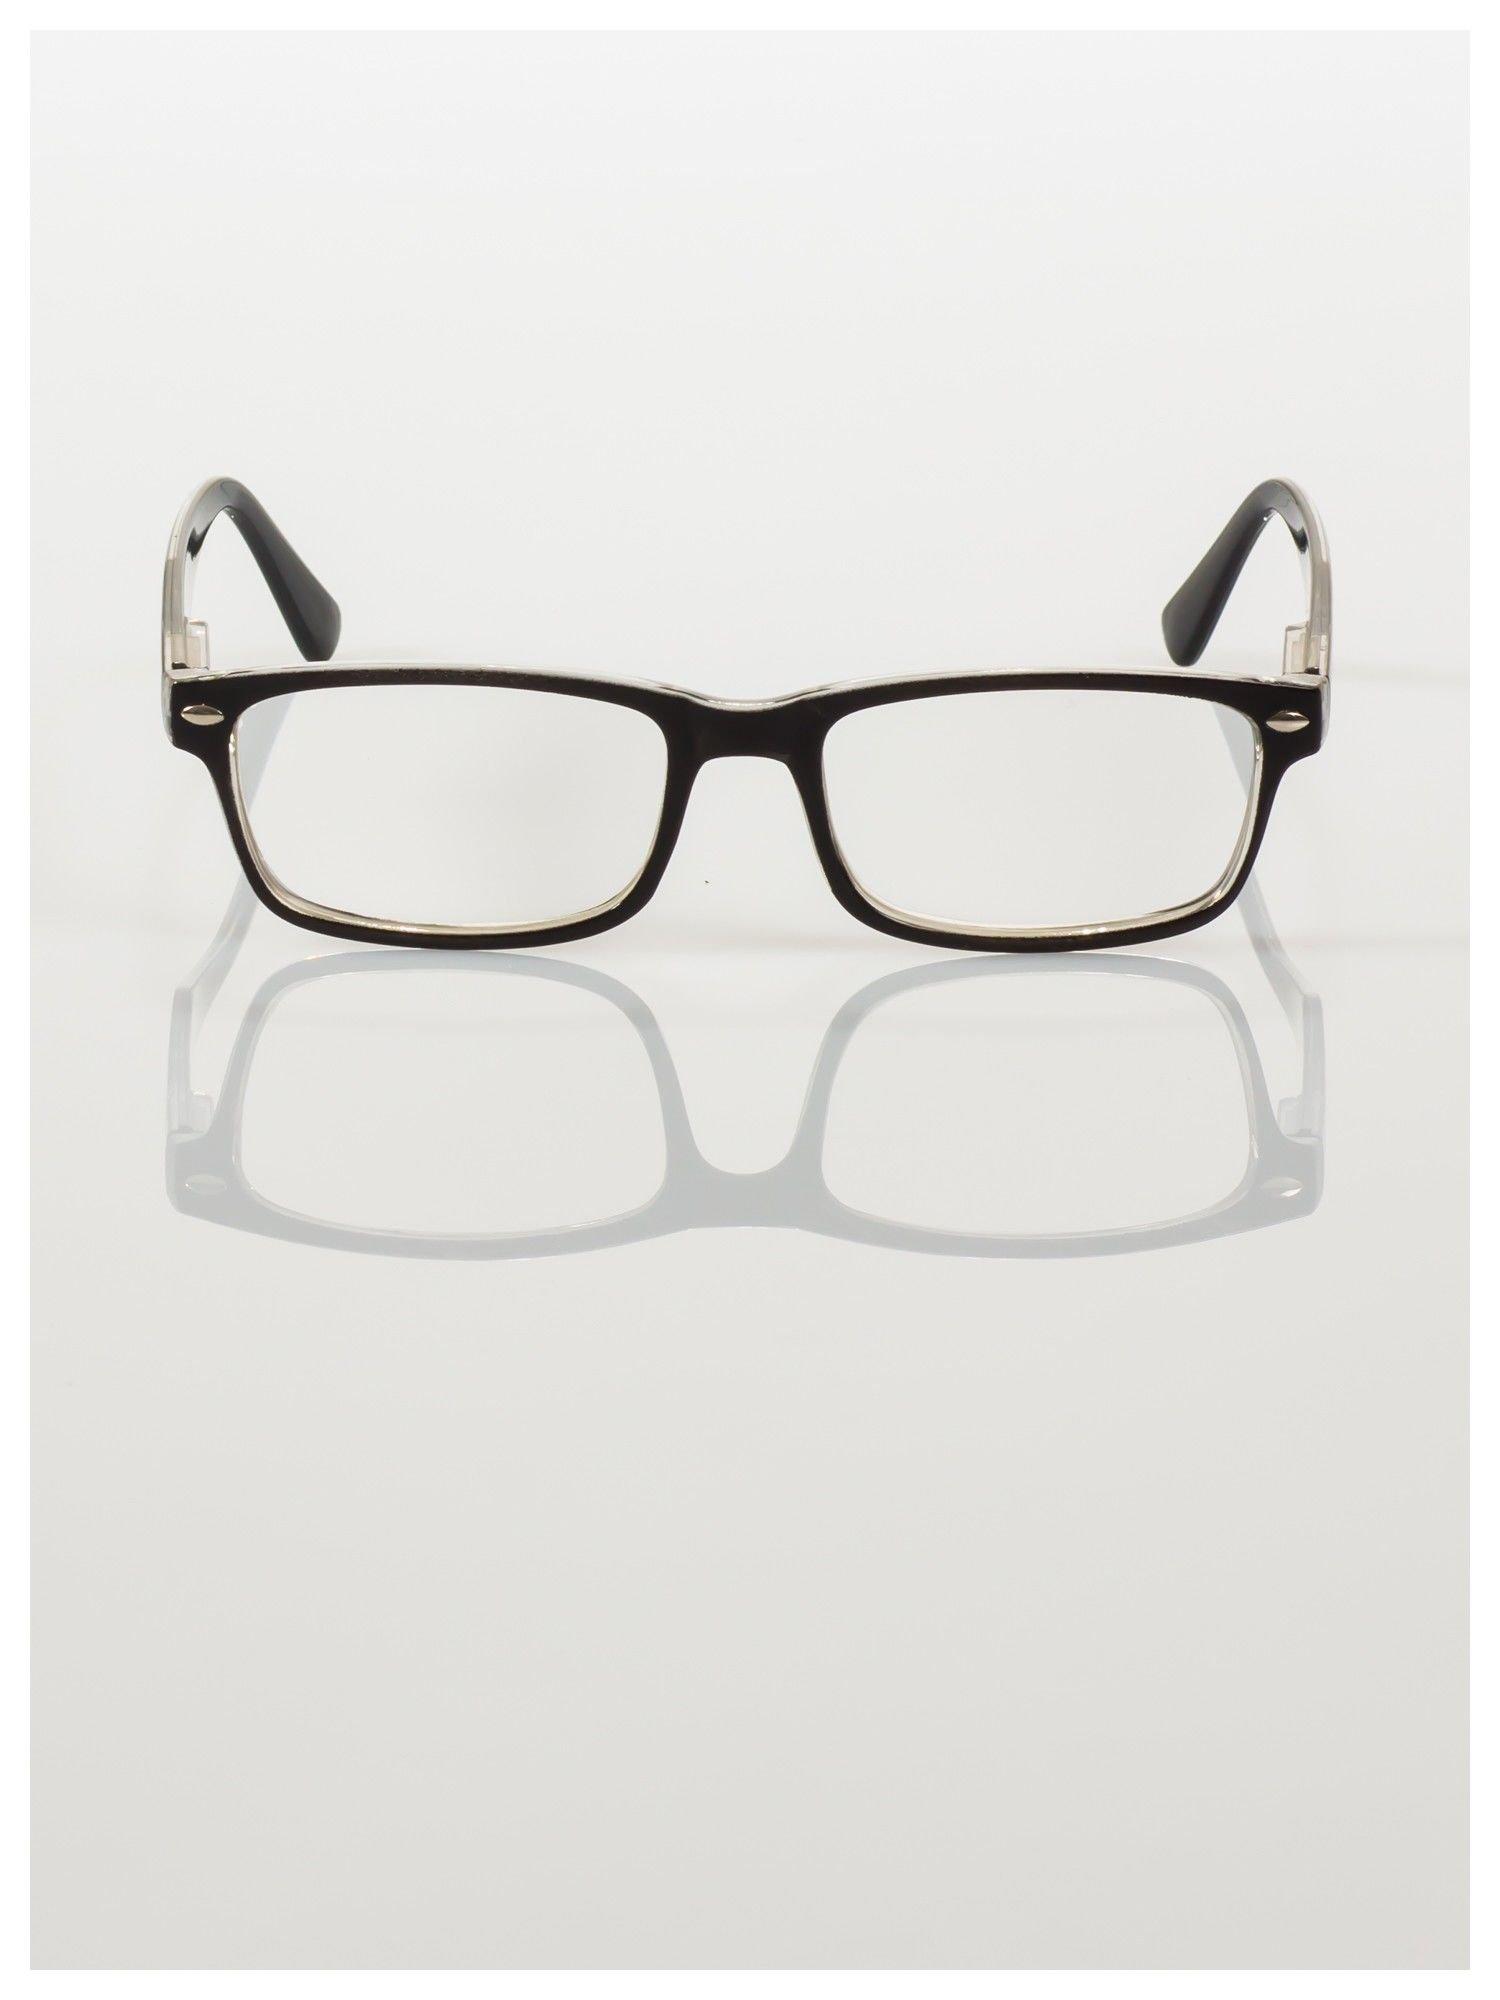 Okulary korekcyjne +2.0 D ,model WAYFARER do czytania z systemem FLEX na zausznikach +GRATIS PLASTIKOWE ETUI I ŚCIERECZKA Z MIKROFIBRY                                  zdj.                                  1